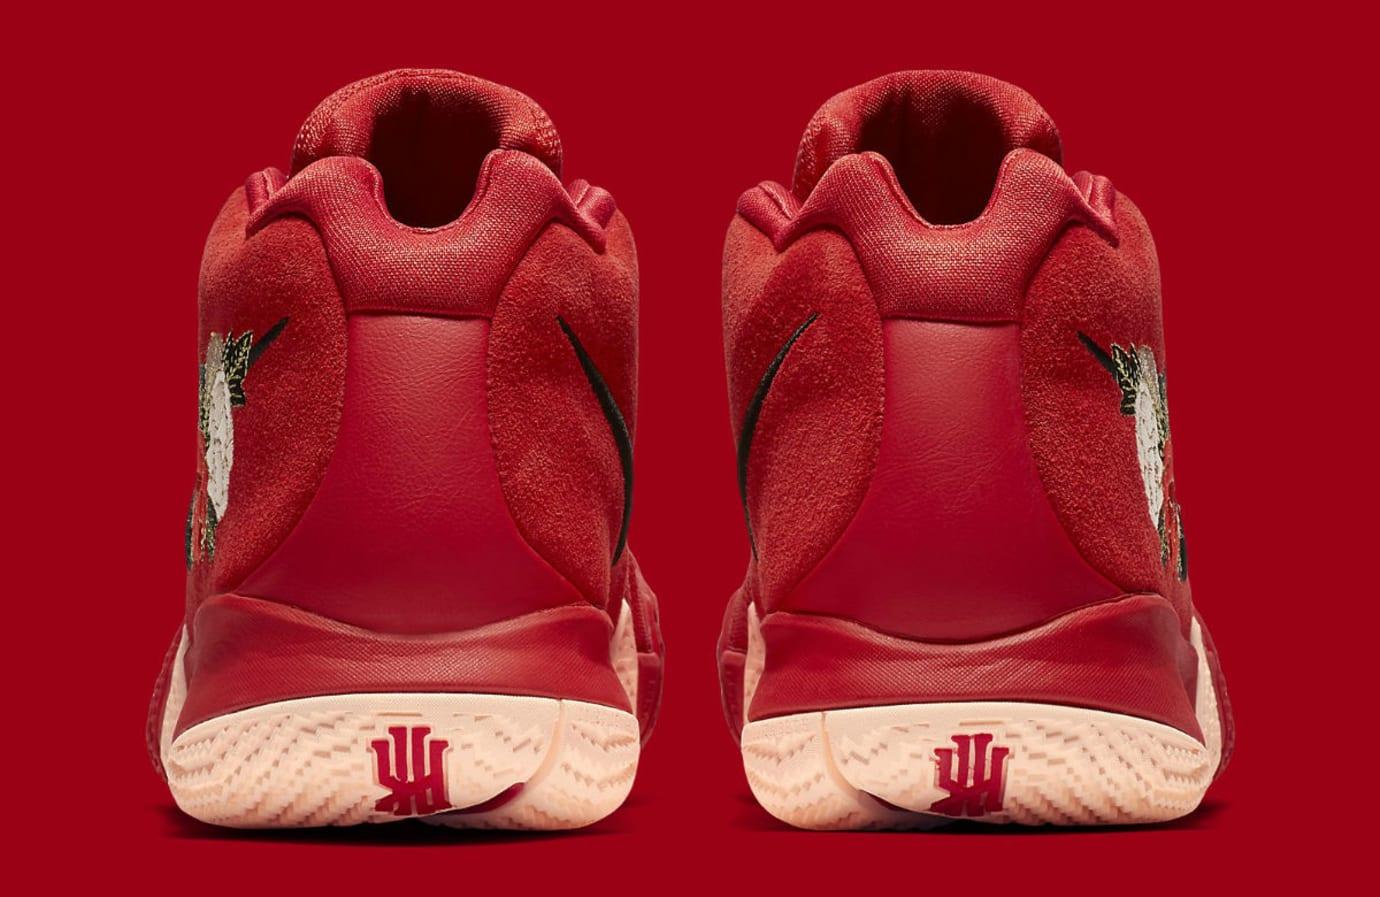 94c8daa3902636 Nike Kyrie 4 CNY Release Date 943807-600 Heel